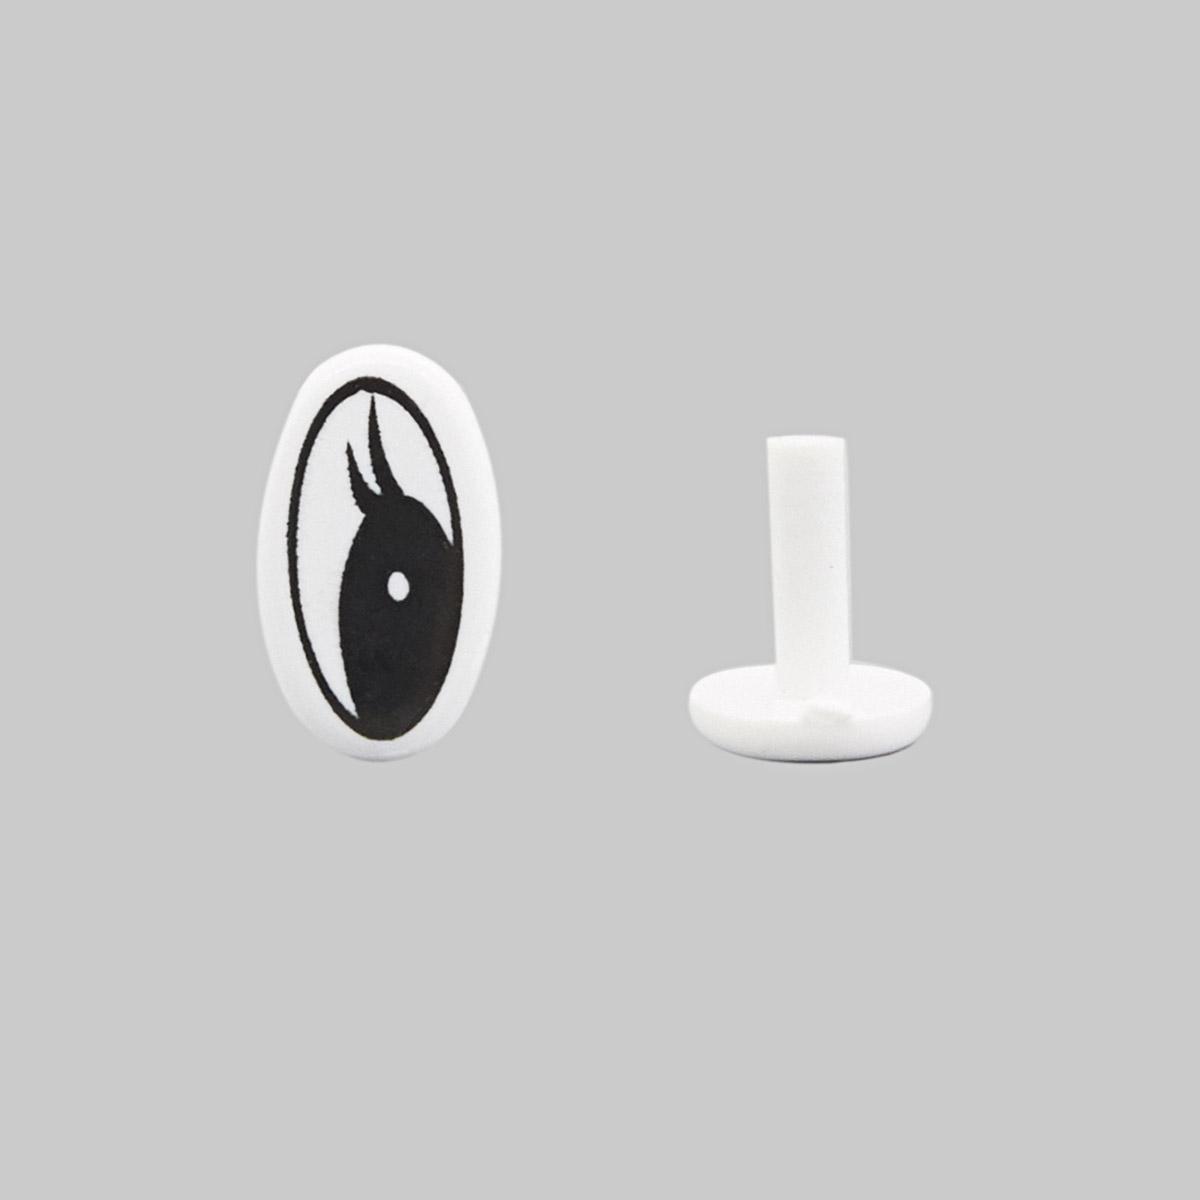 Г37-1цв Глаза для игрушек 1,0*1,3см пластик. (арт.167) фото